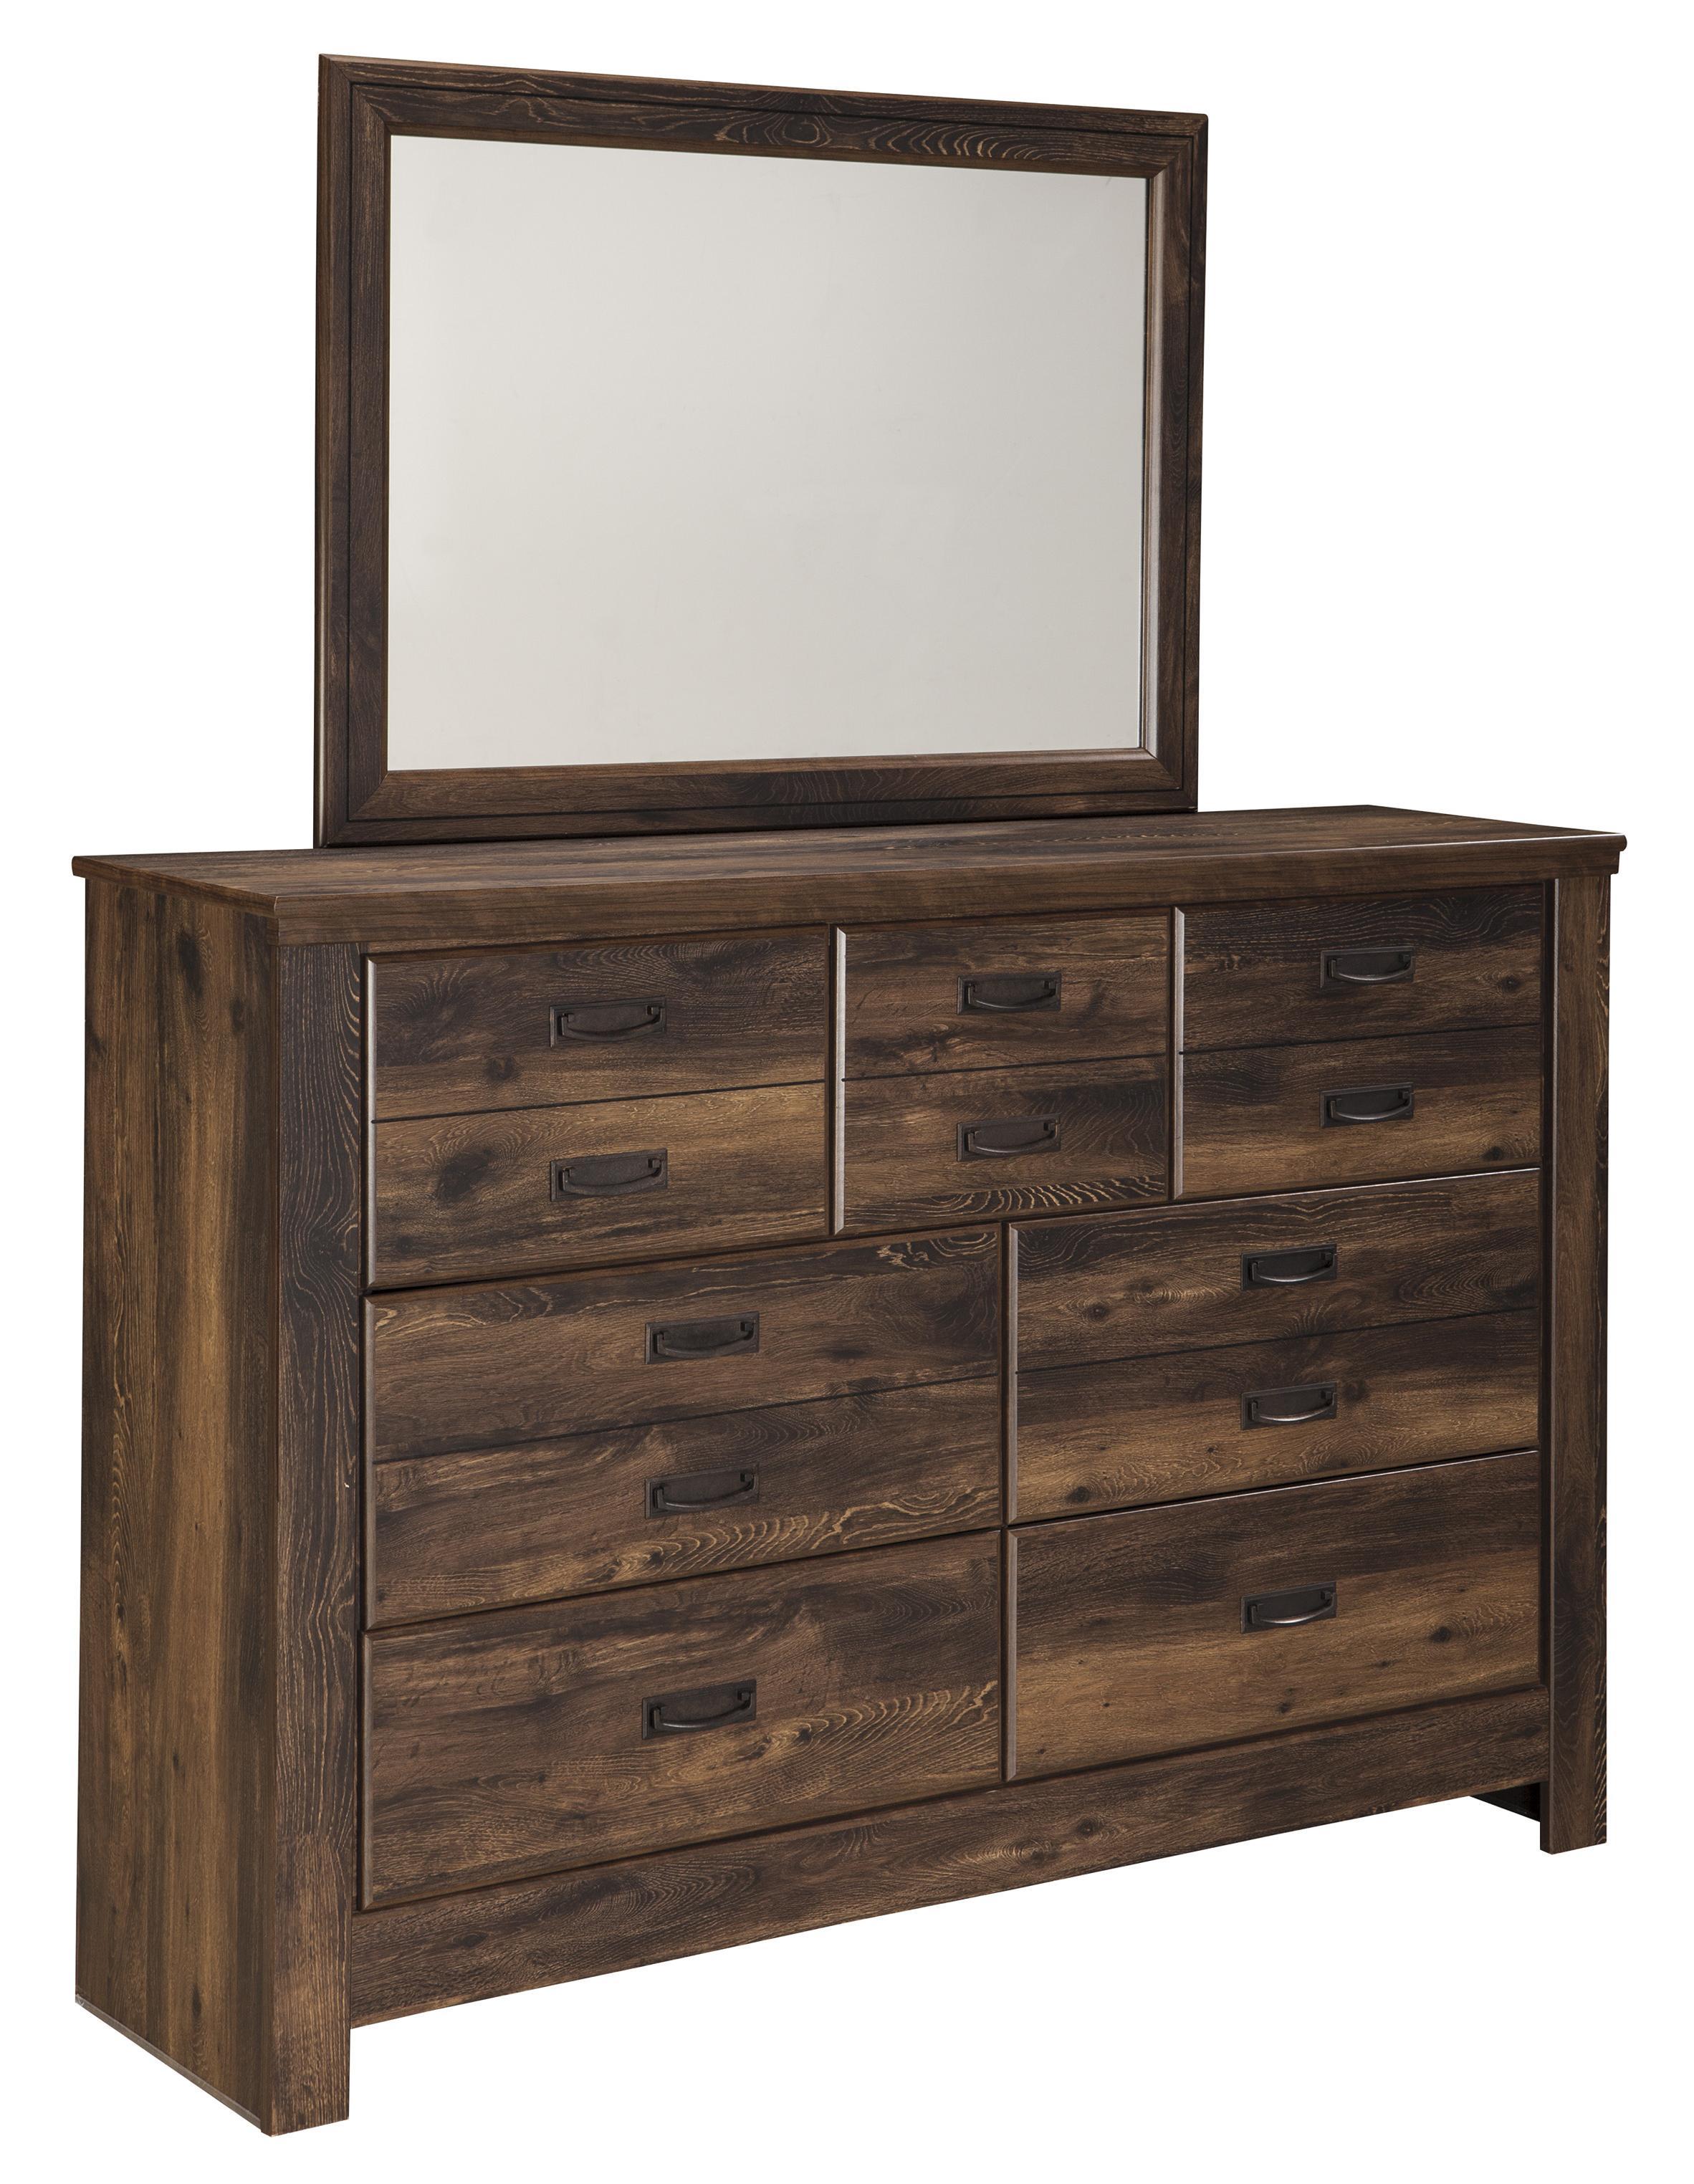 Quinden Dresser & Mirror by Signature Design by Ashley at Lapeer Furniture & Mattress Center